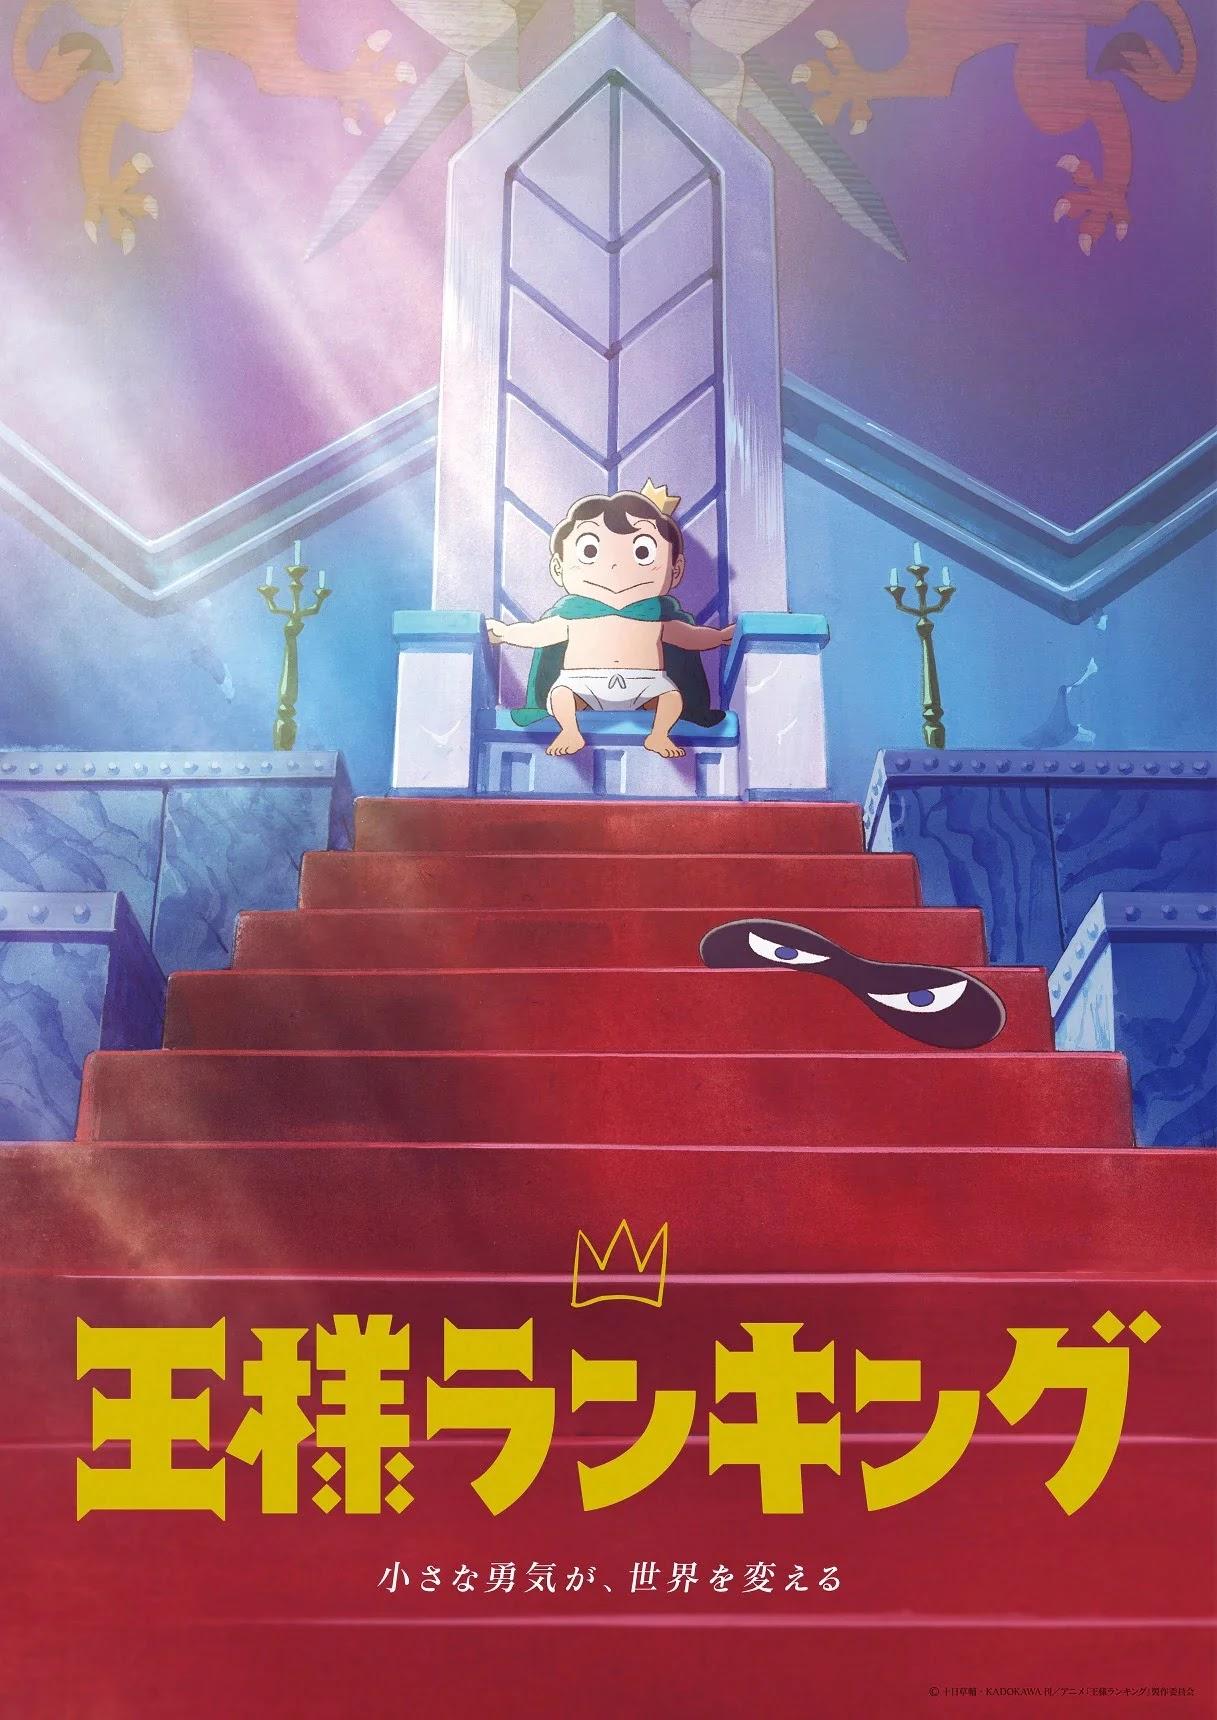 O Anime Ousama Ranking terá 23 episódios